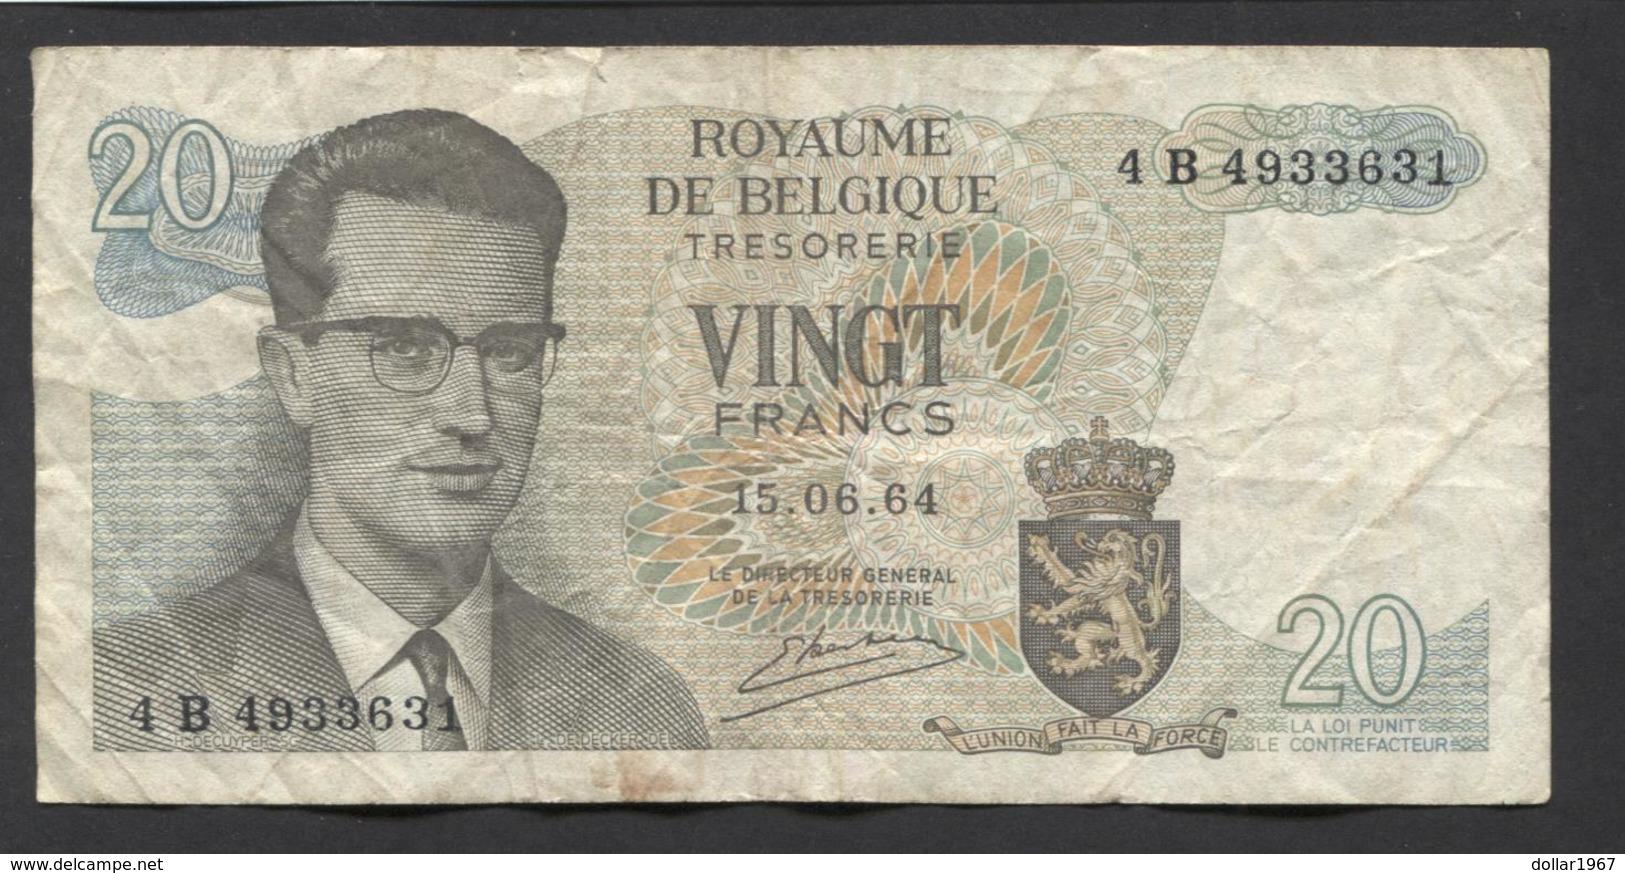 België Belgique Belgium 15 06 1964 -  20 Francs Atomium Baudouin. 4 B 4933631 - [ 6] Treasury